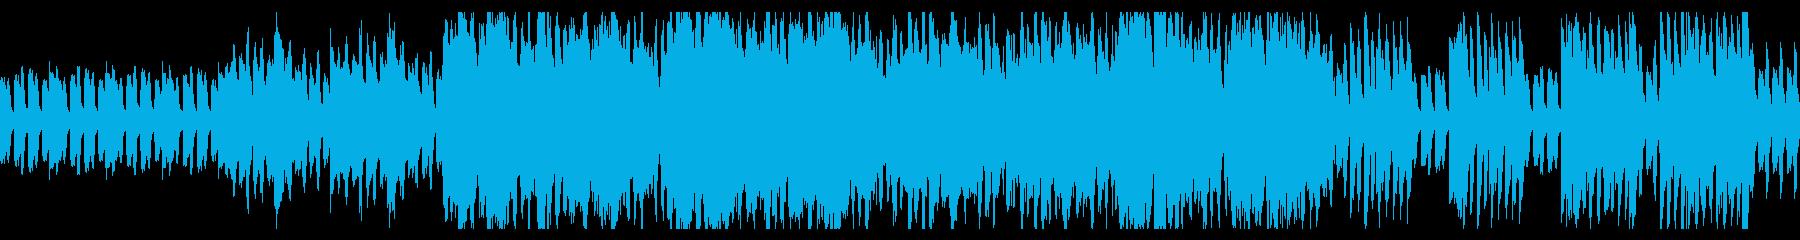 民族的な、ピアノ+ストリングスのBGMの再生済みの波形